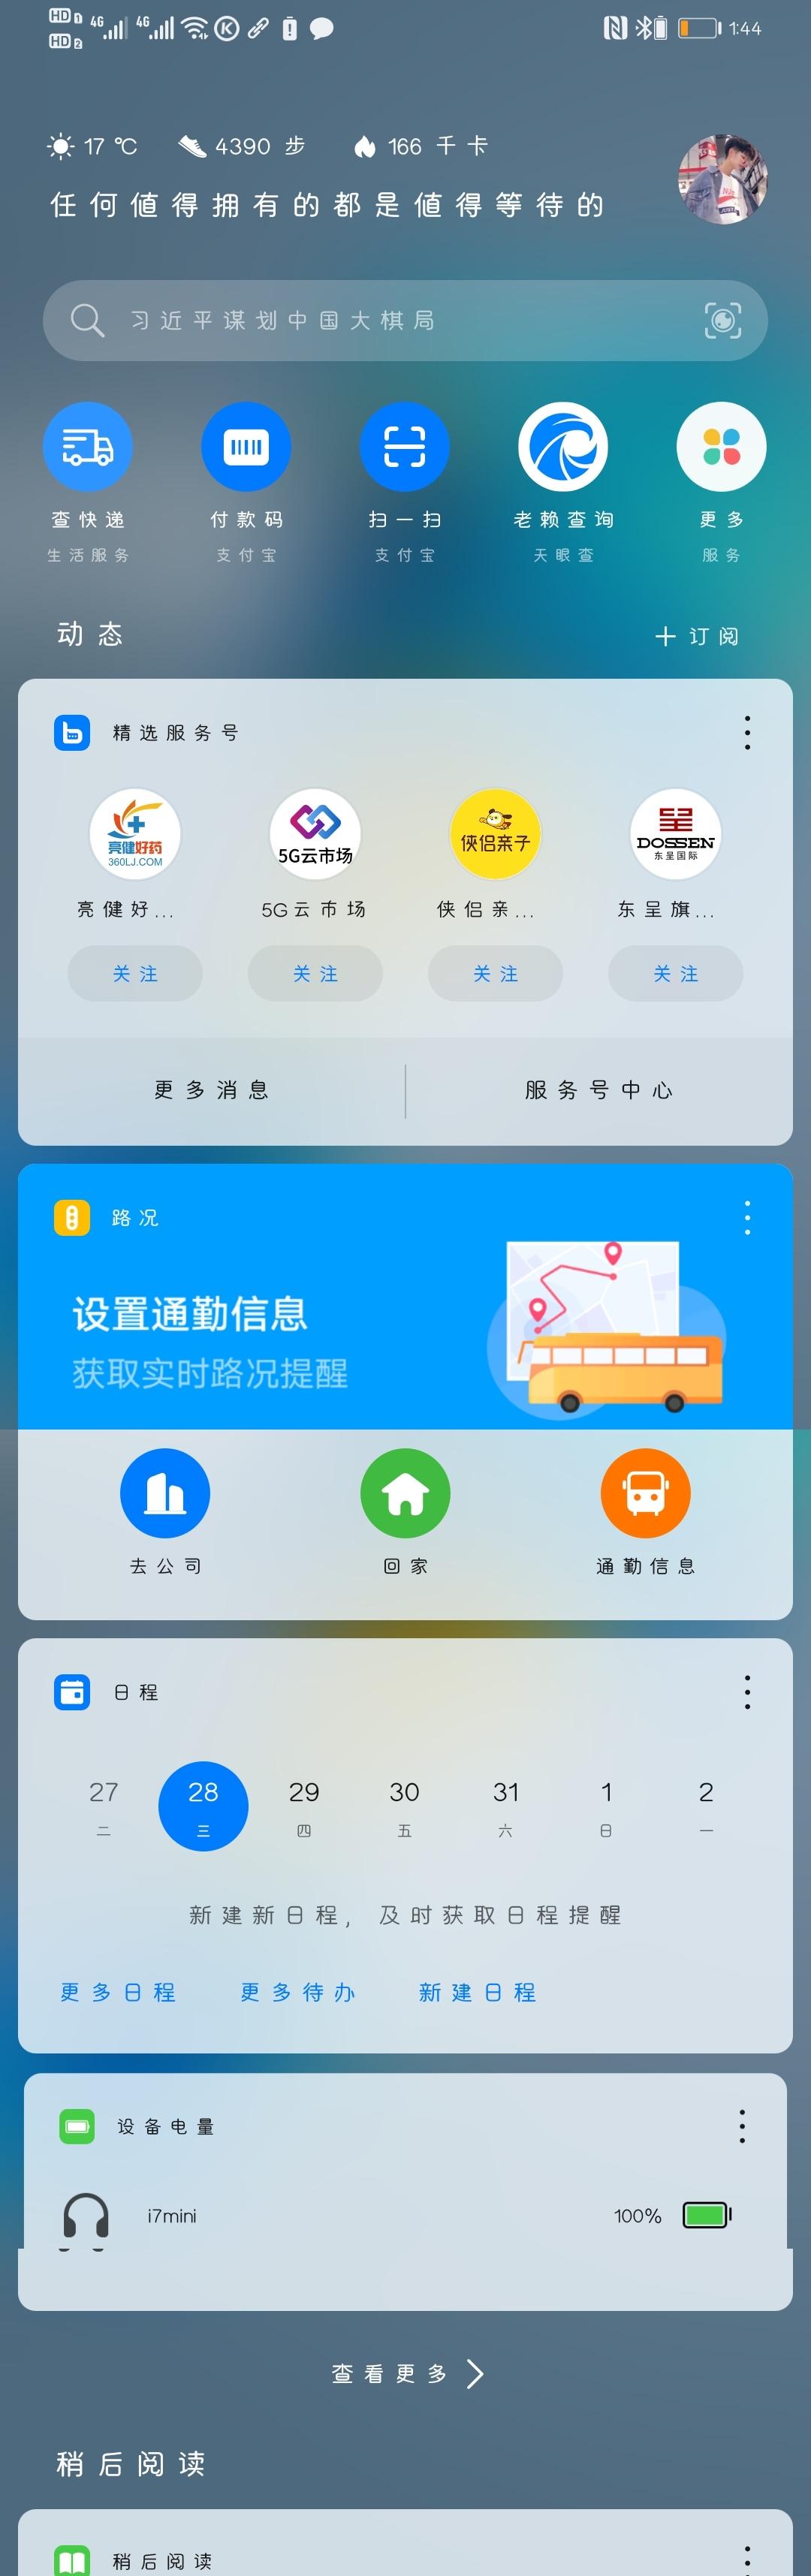 Screenshot_20201028_134419_com.huawei.android.launcher.jpg